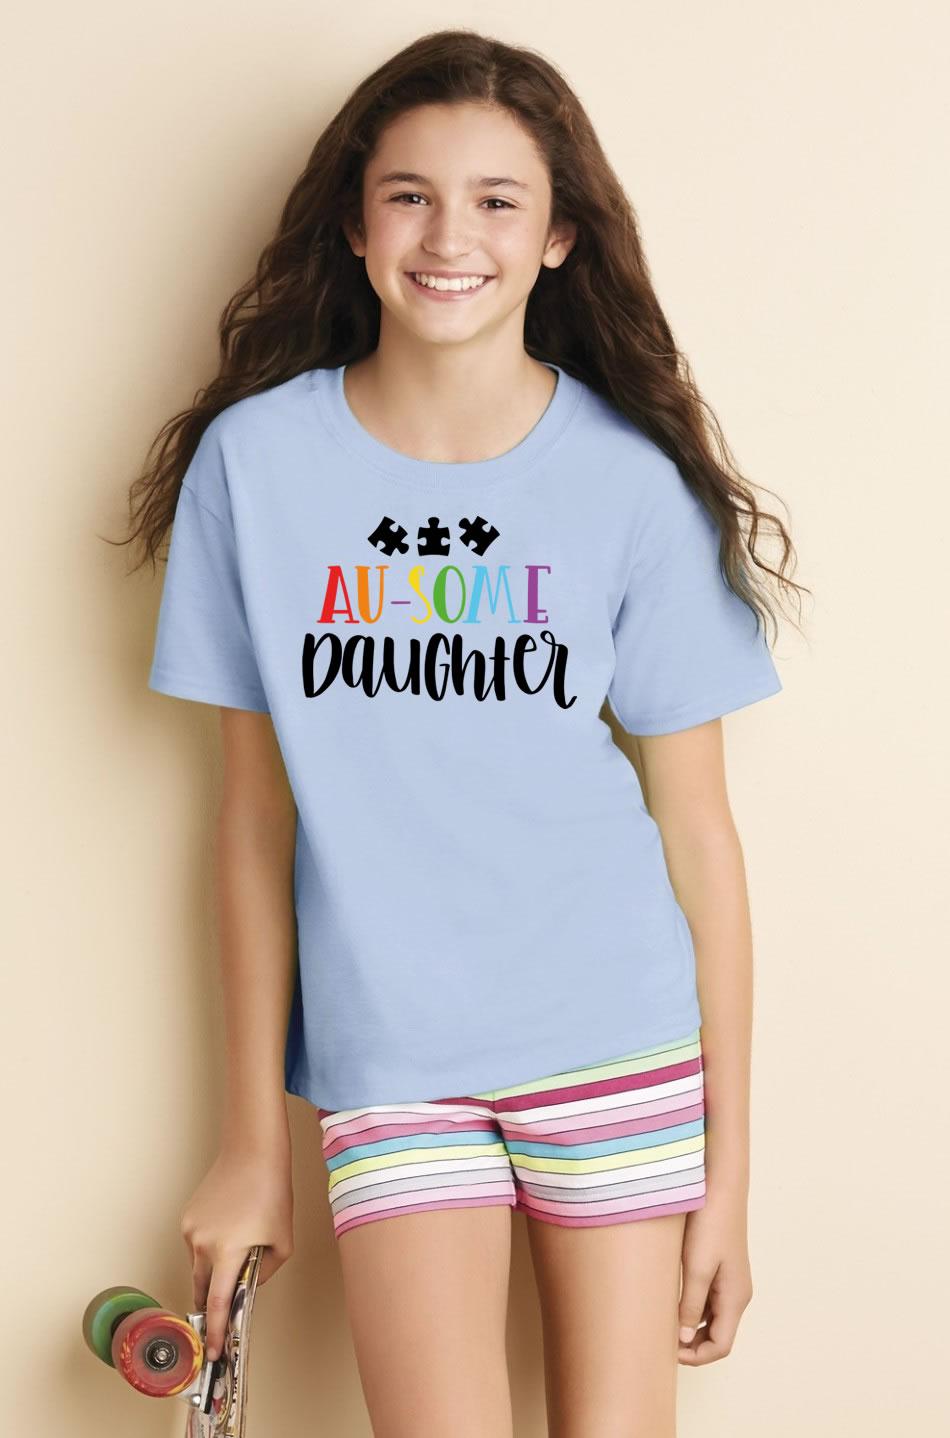 Au-Some Daughter Autism Awareness Shirt